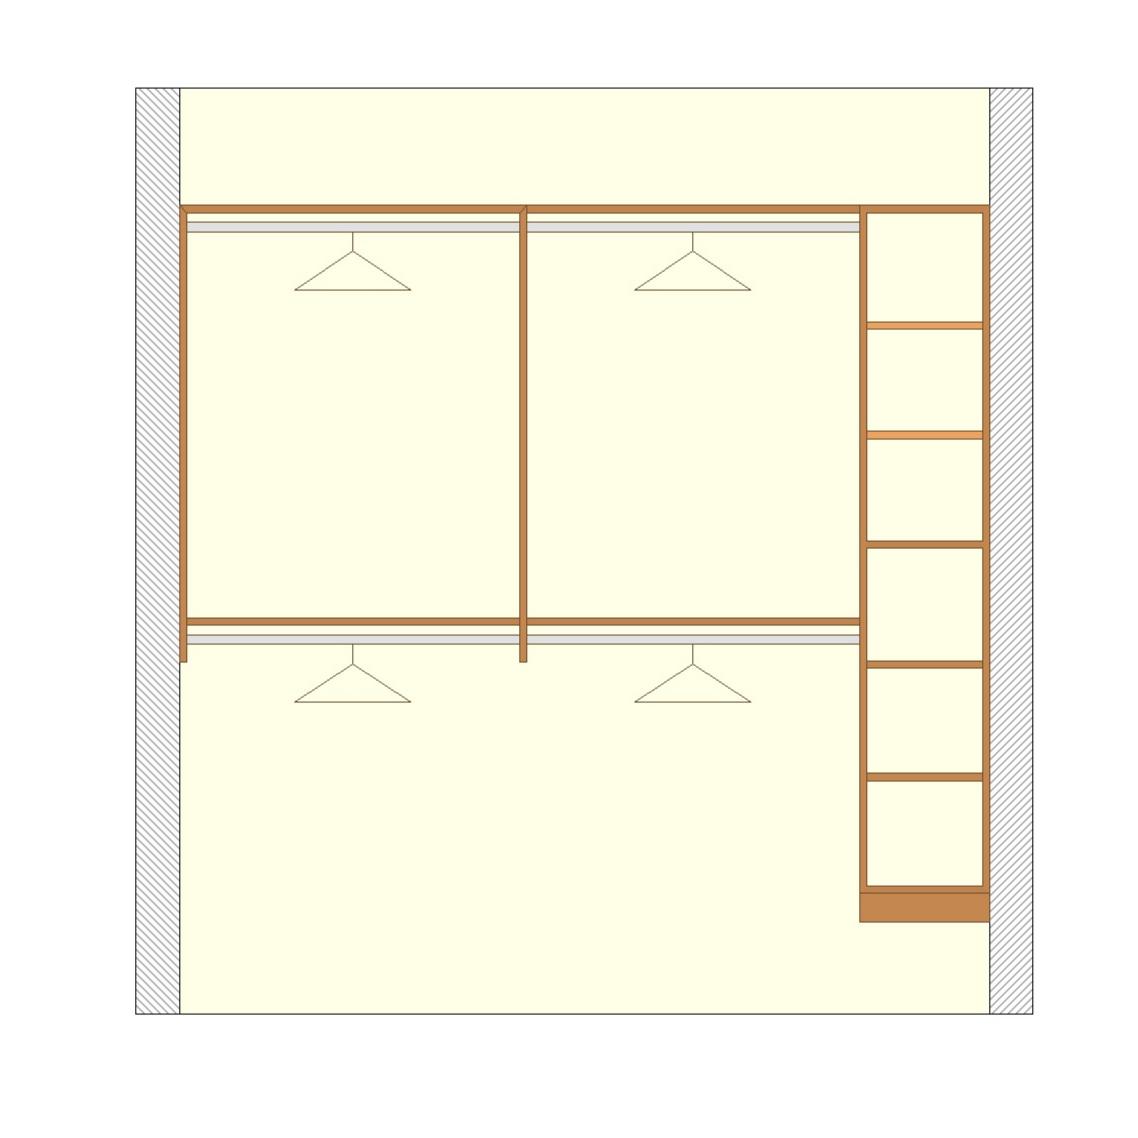 Hanging Racks & Shelving Unit - Premium Walk-In Closet